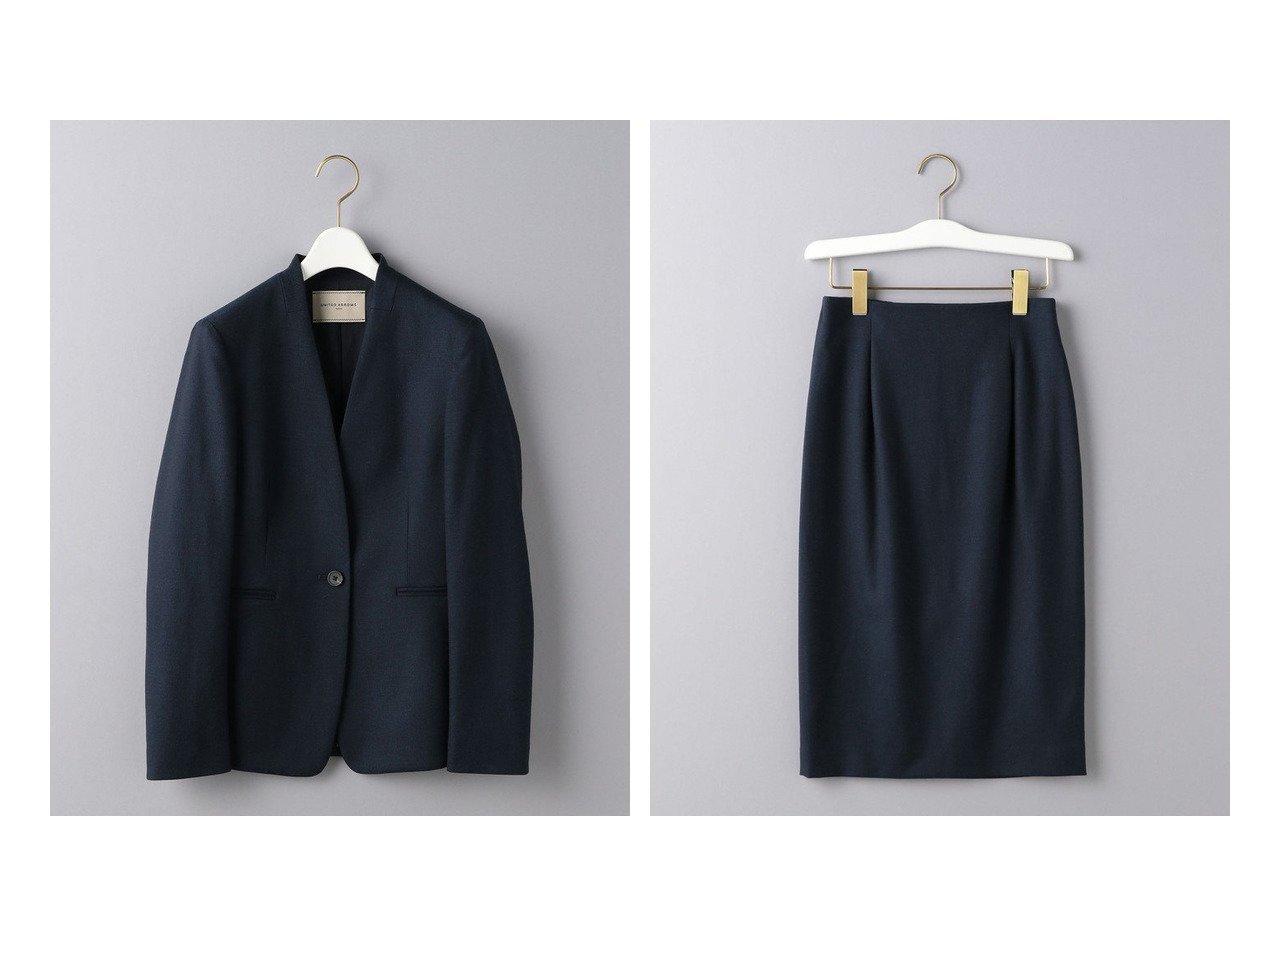 【UNITED ARROWS/ユナイテッドアローズ】のUBC ツイル ノーラペル ジャケット&UBC ツイル タイトスカート ユナイテッドアローズのおすすめ!人気、トレンド・レディースファッションの通販 おすすめで人気の流行・トレンド、ファッションの通販商品 メンズファッション・キッズファッション・インテリア・家具・レディースファッション・服の通販 founy(ファニー) https://founy.com/ ファッション Fashion レディースファッション WOMEN アウター Coat Outerwear ジャケット Jackets ノーカラージャケット No Collar Leather Jackets スカート Skirt NEW・新作・新着・新入荷 New Arrivals コンパクト シェイプ ジャケット ツイル ネップ |ID:crp329100000021462